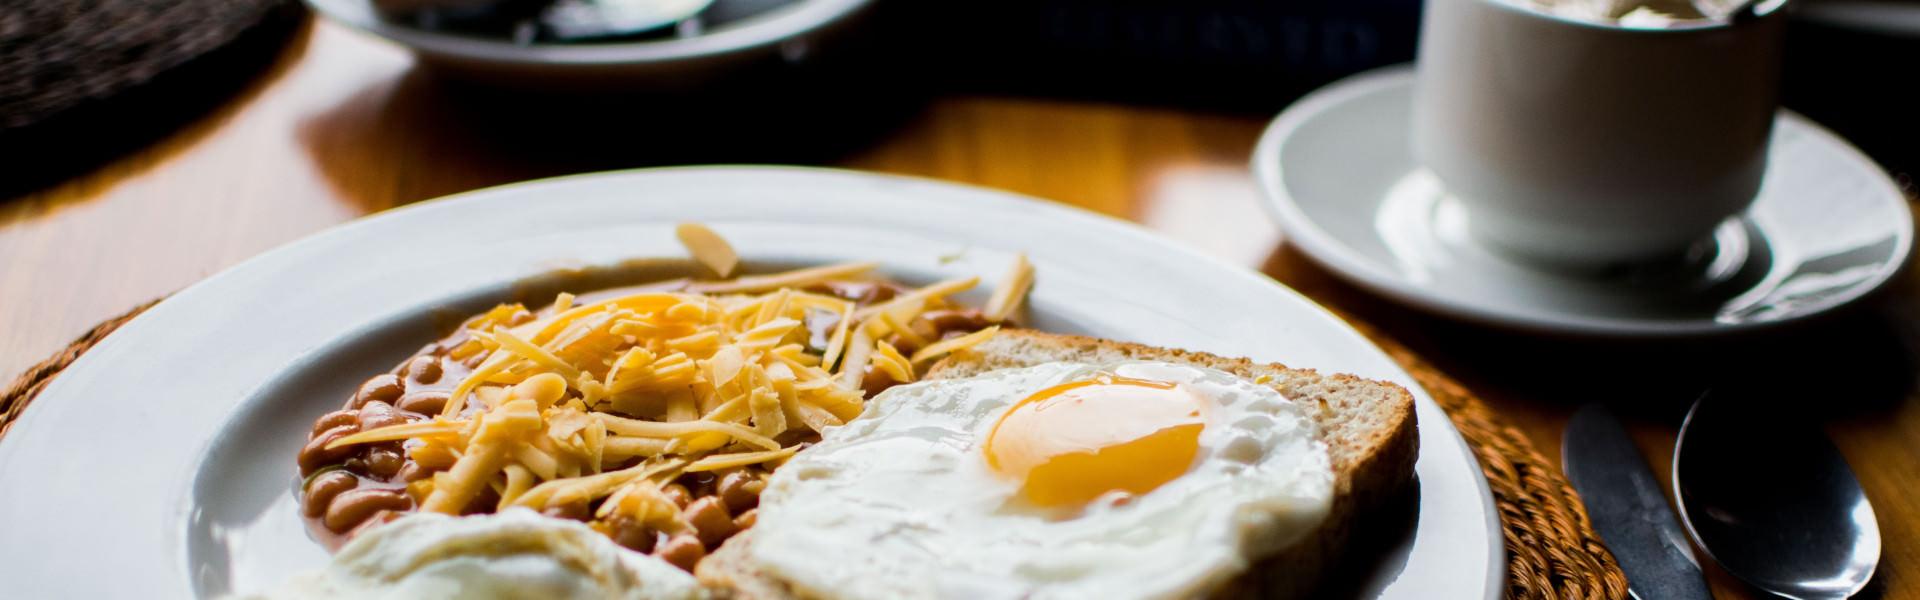 MMietwagenreisen USA und Kanada - Bed and Breakfast